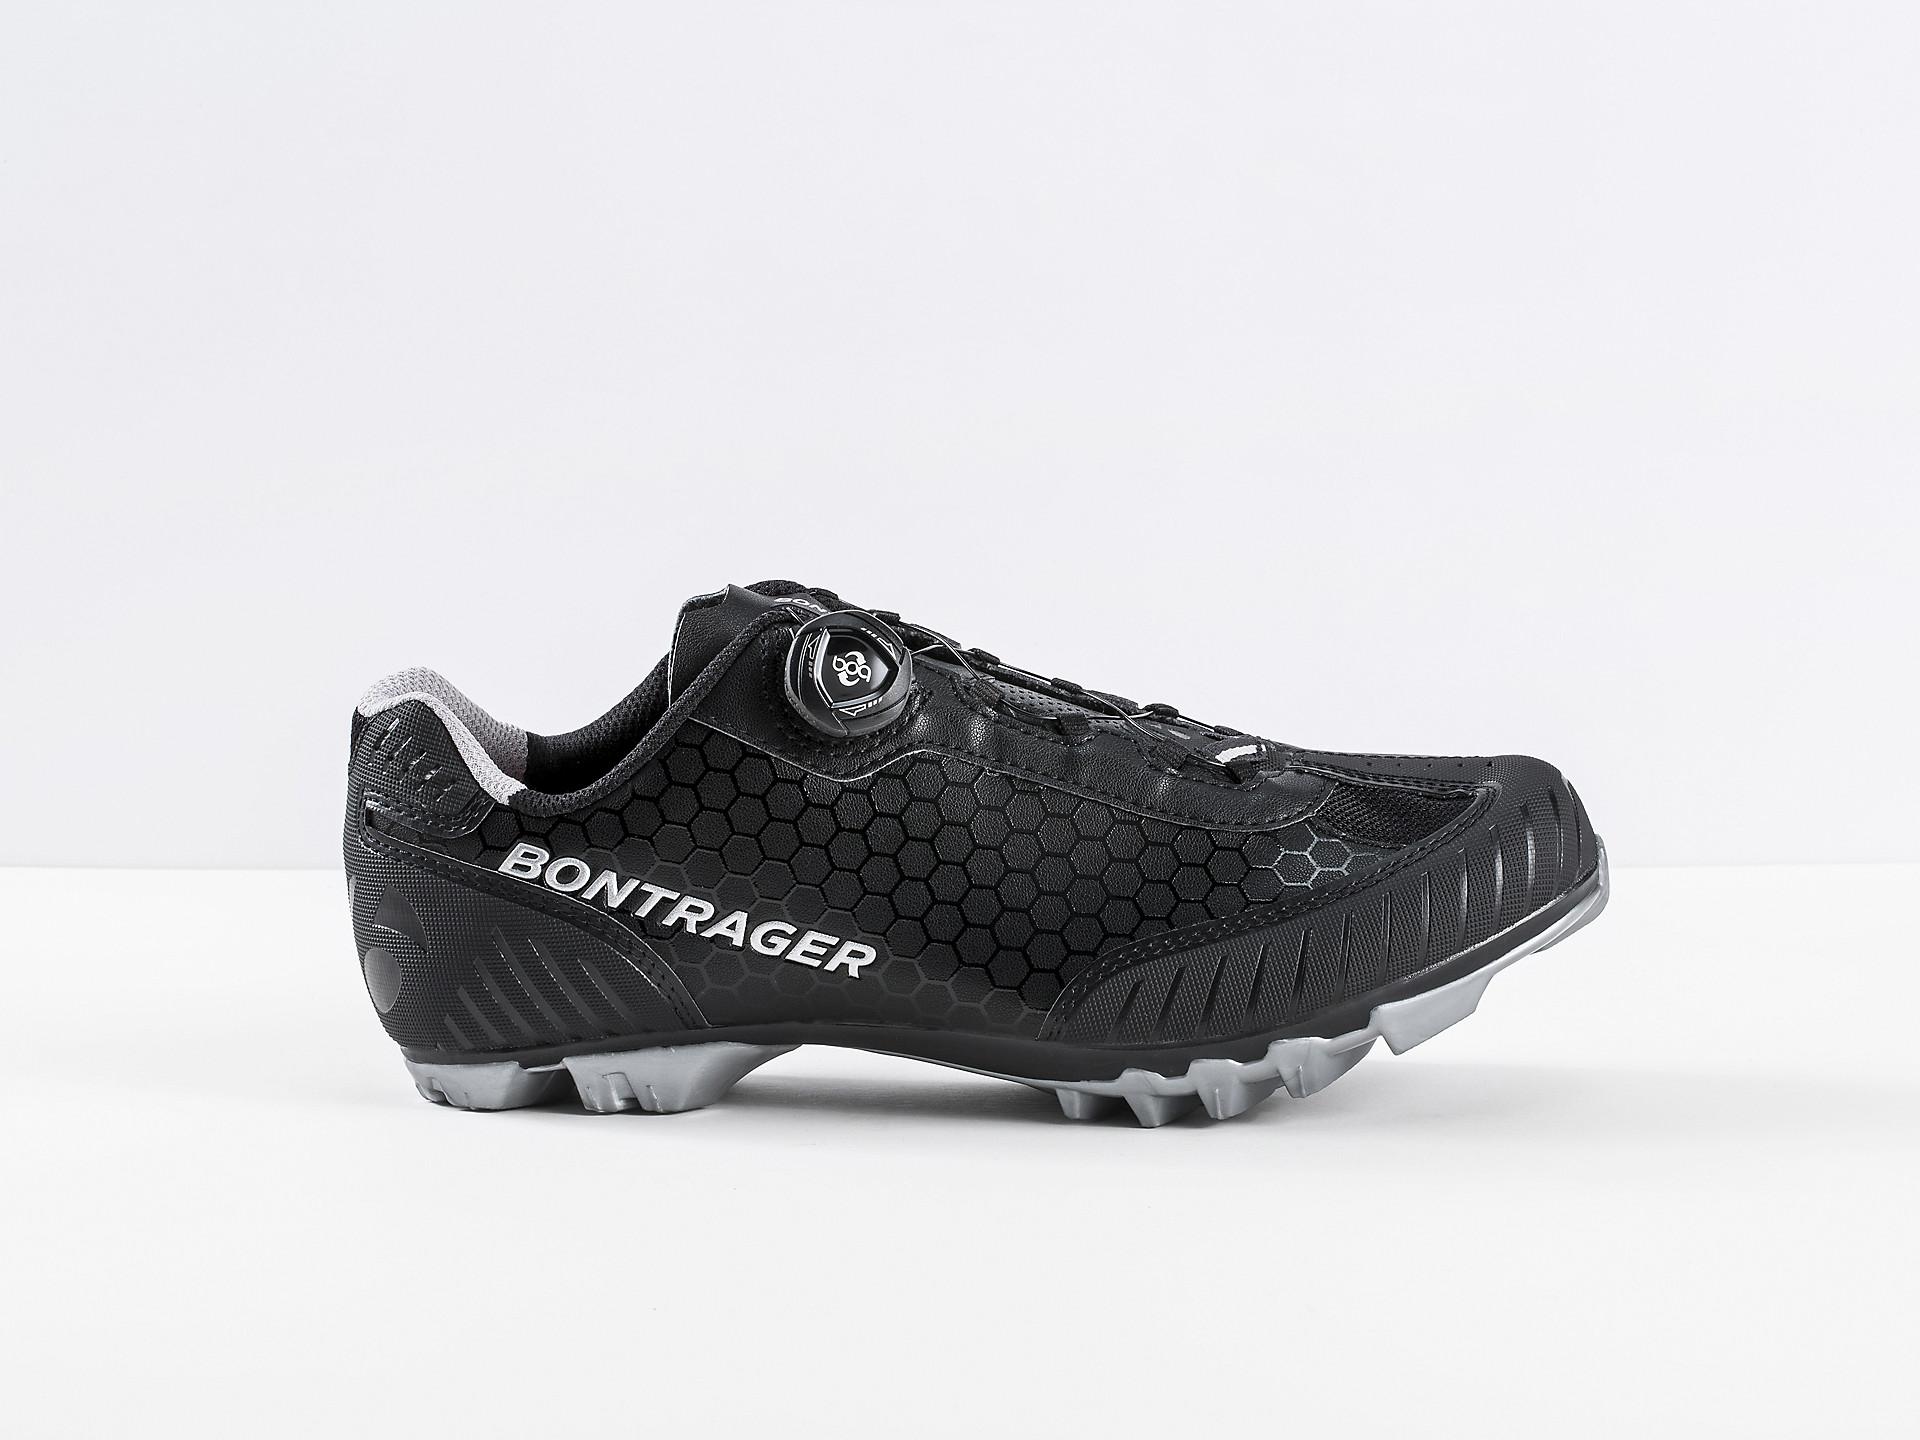 Zapatillas Bontrager Foray Montaña  52f2394845a